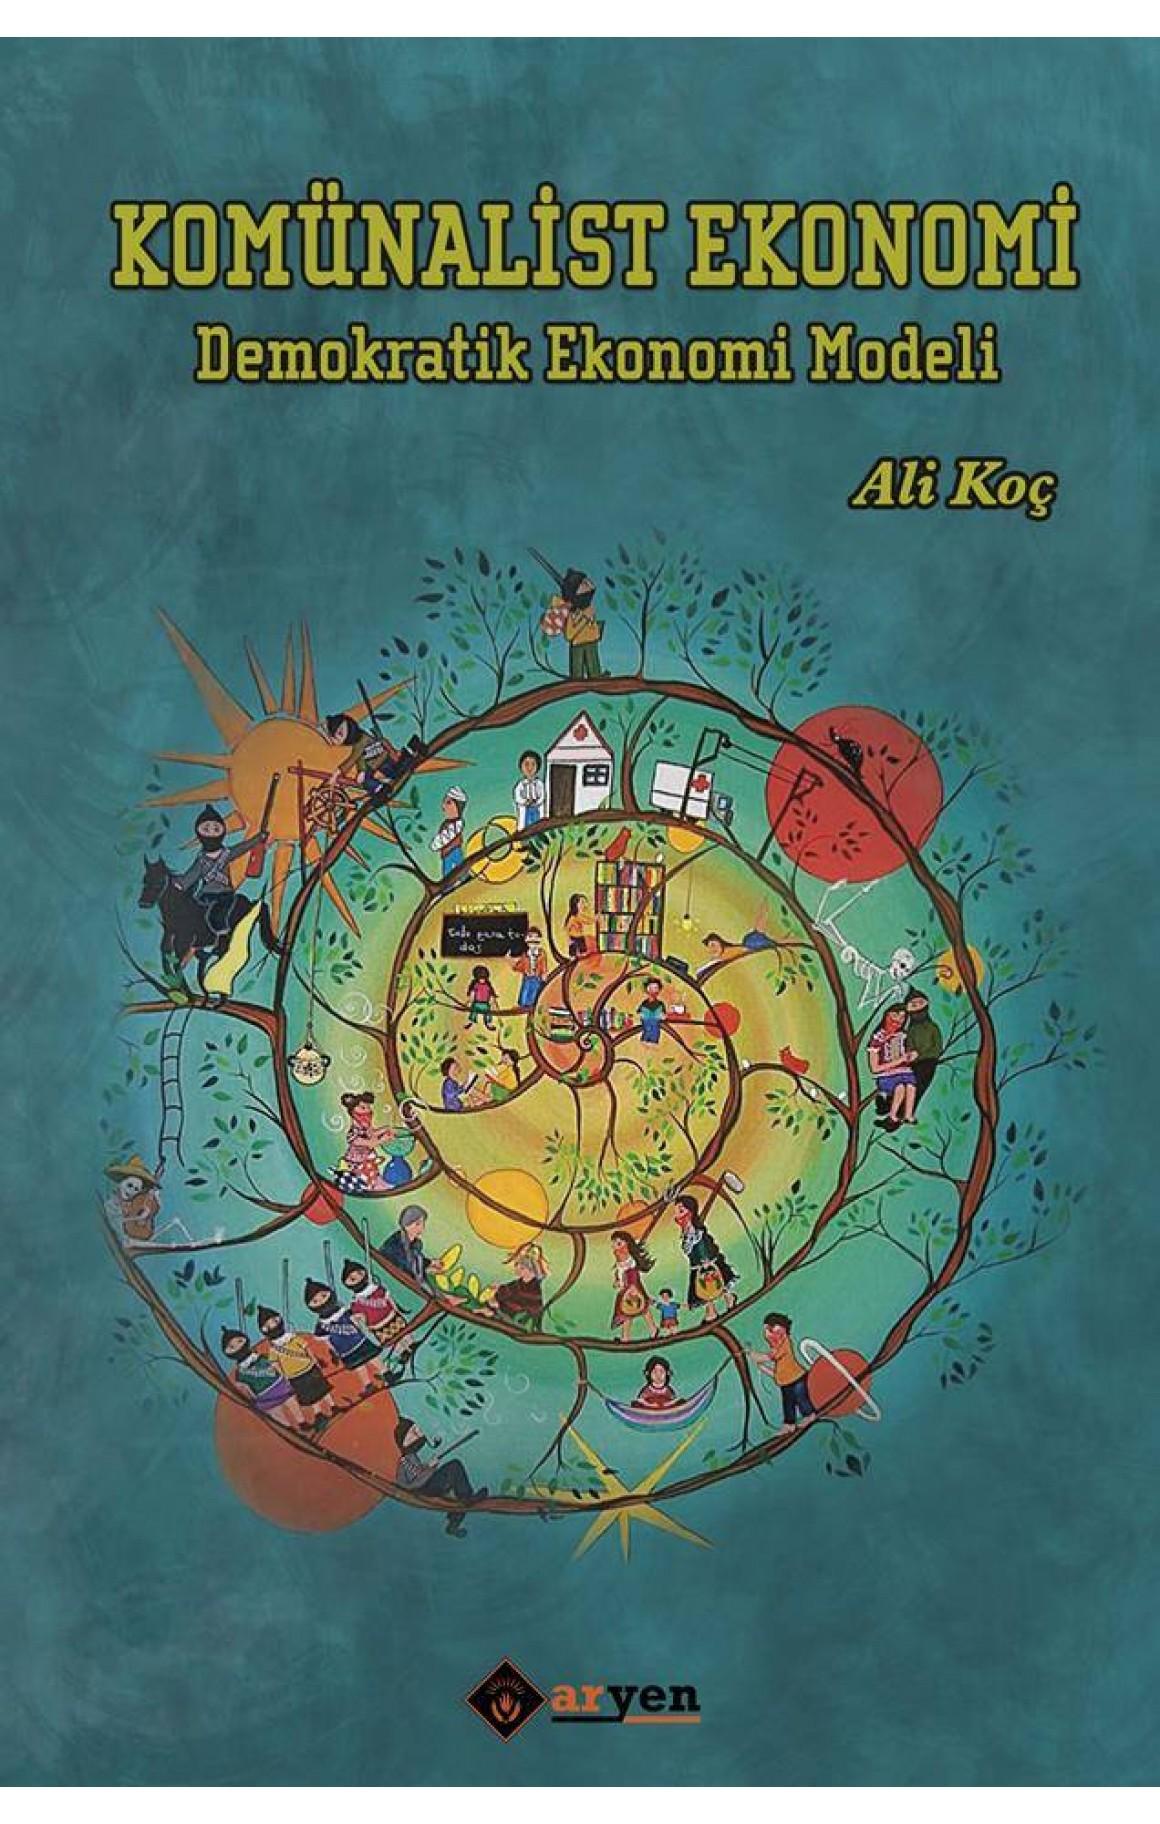 Komünalist Ekonomi - Demokratik Ekonomi Modeli